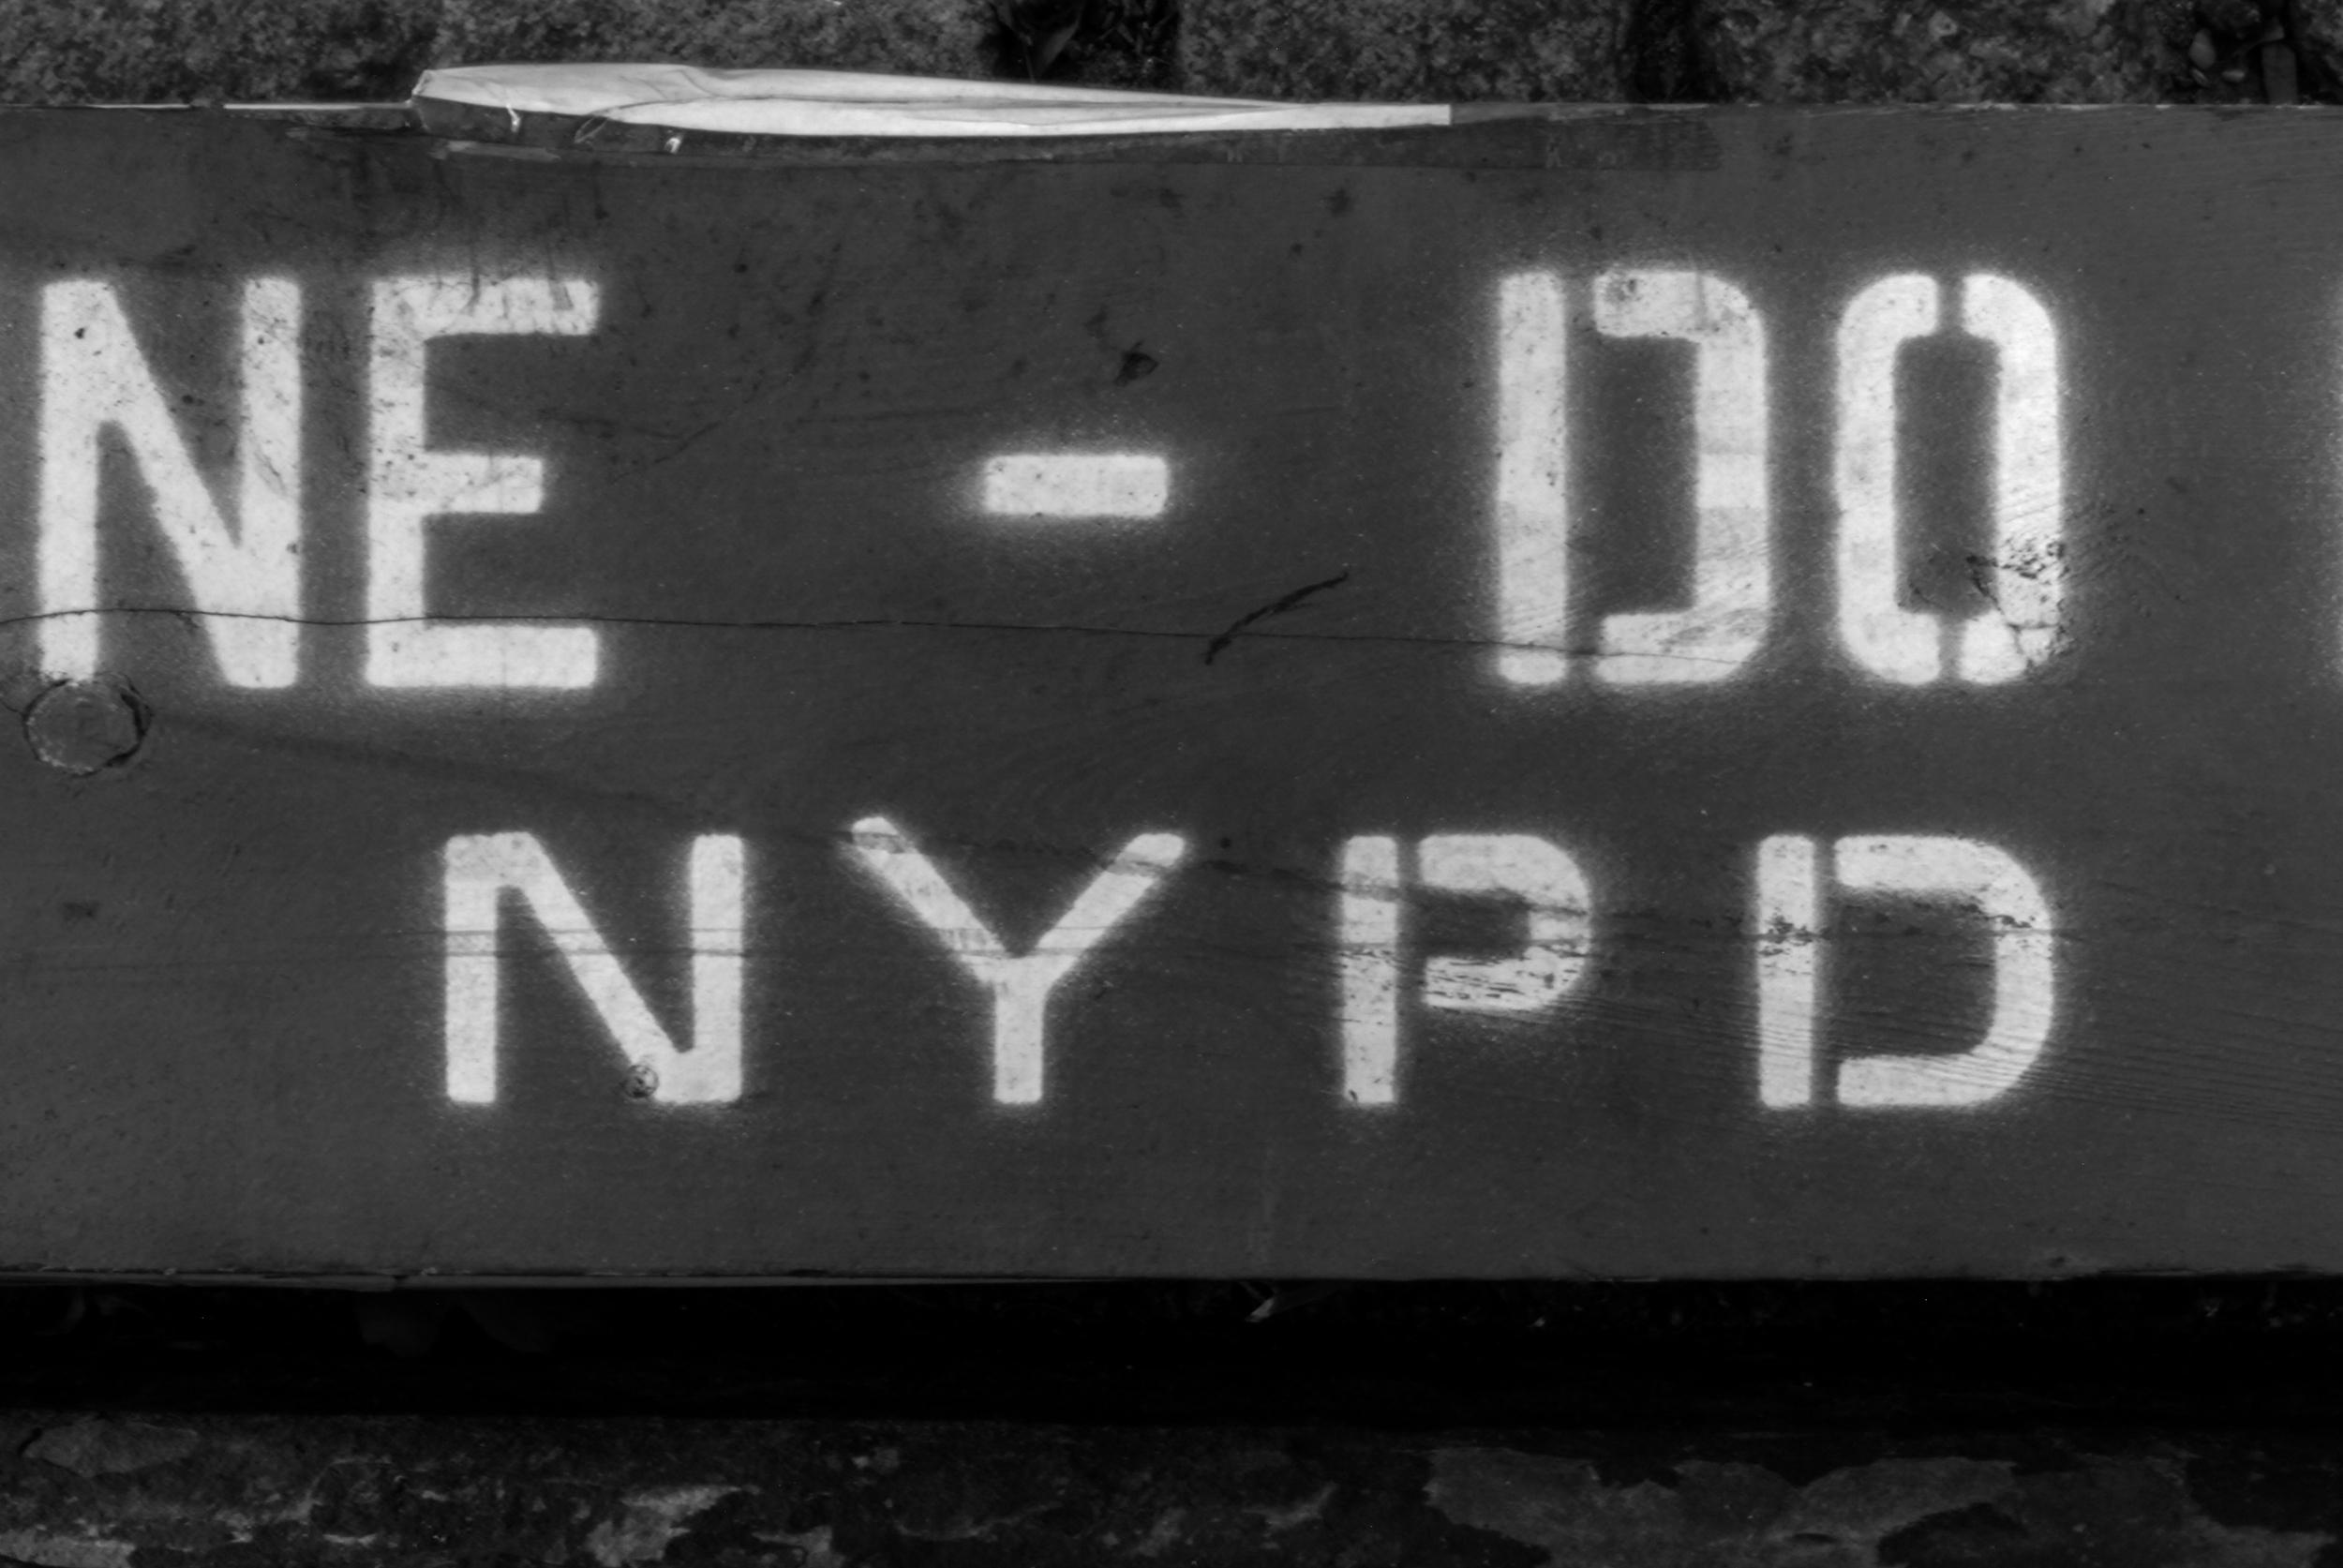 NYC_CityShots-0276.JPG